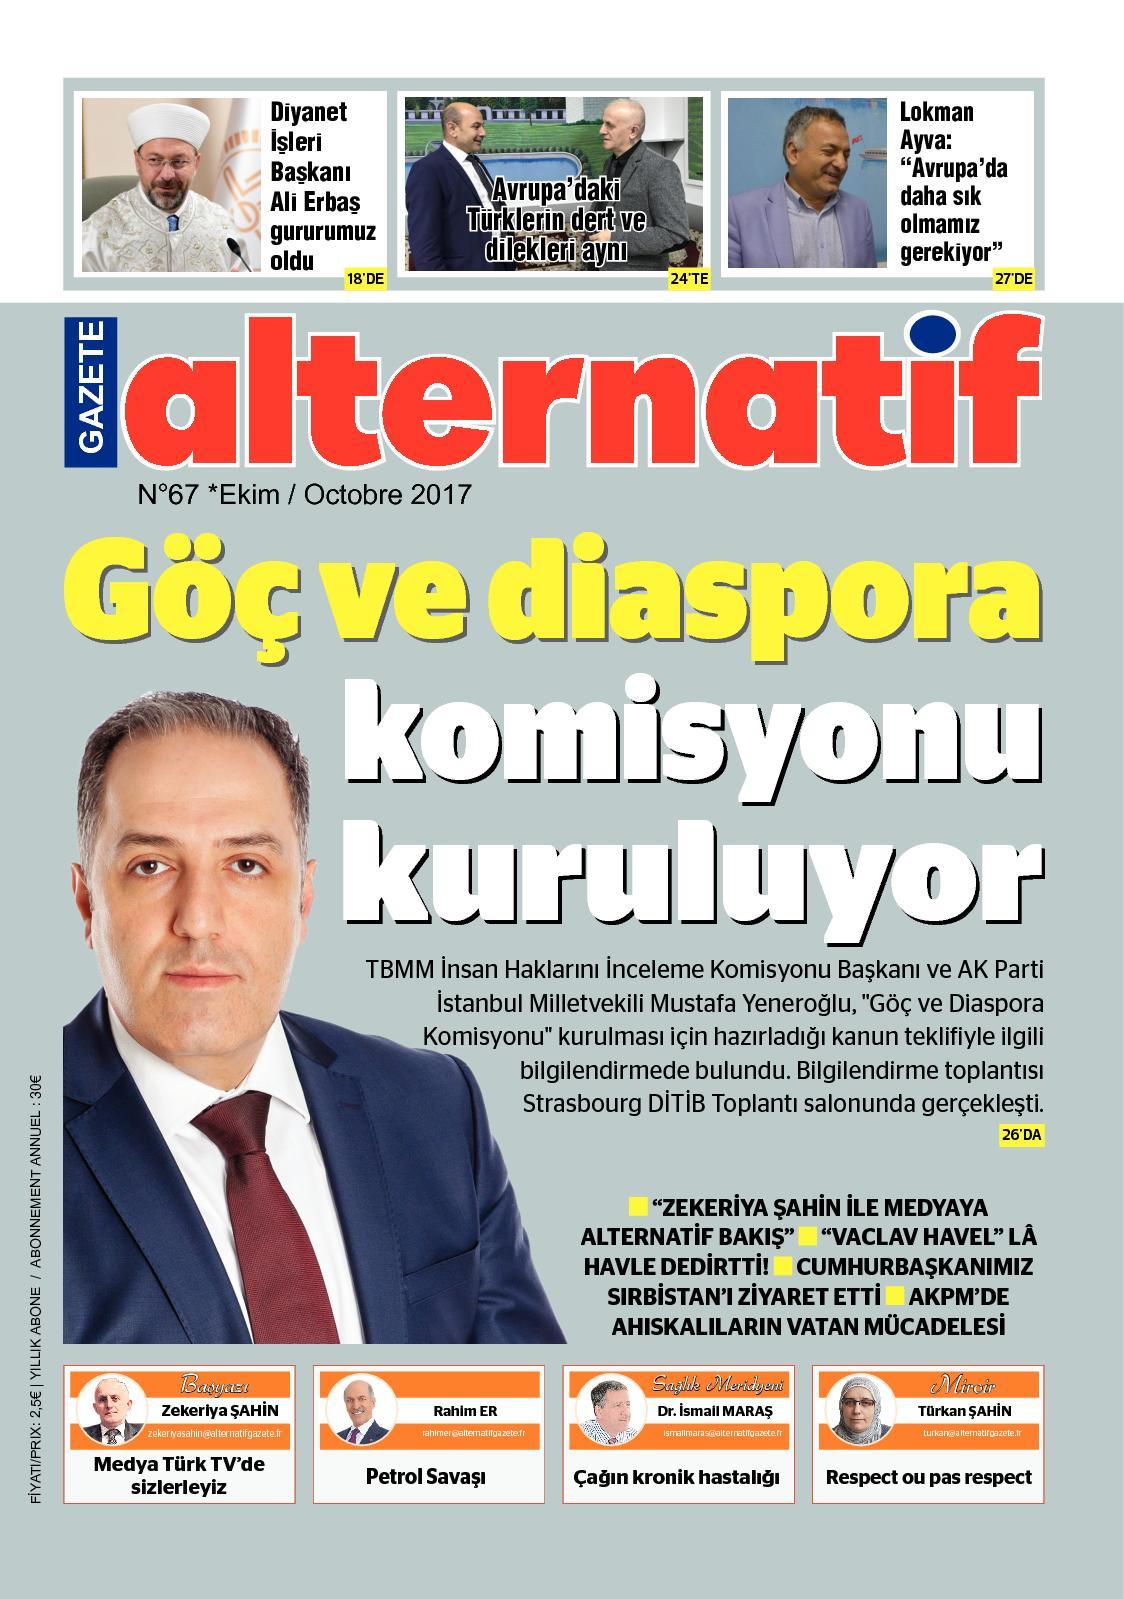 Bakan Ala: Ahıska Türklerini de vatandaşlığa alacağız 75